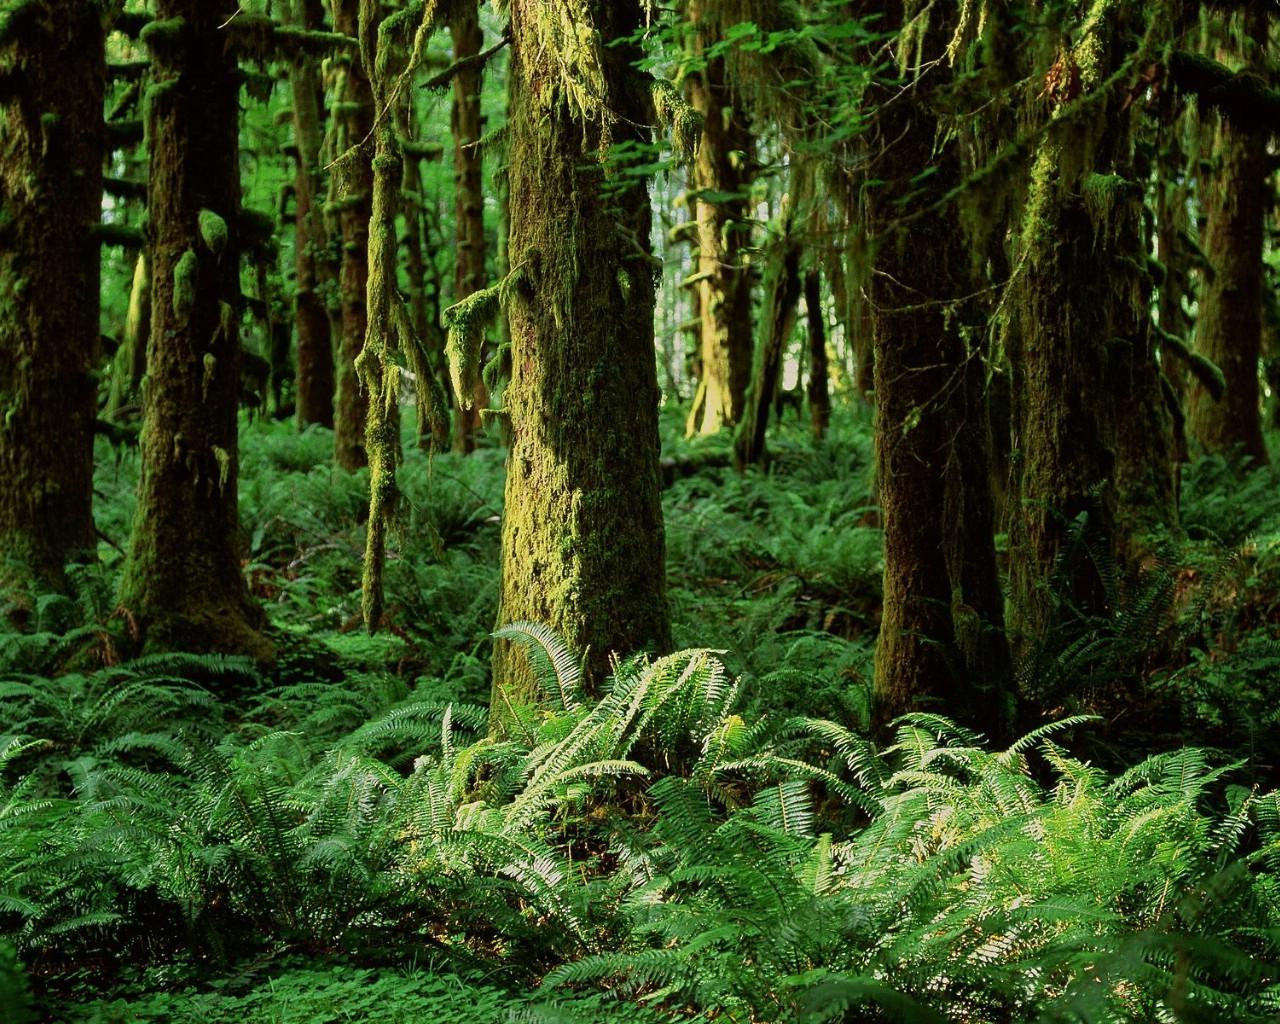 华盛顿 葵纳特雨林壁纸壁纸,地球瑰宝大尺寸自然风景壁纸精选 第三